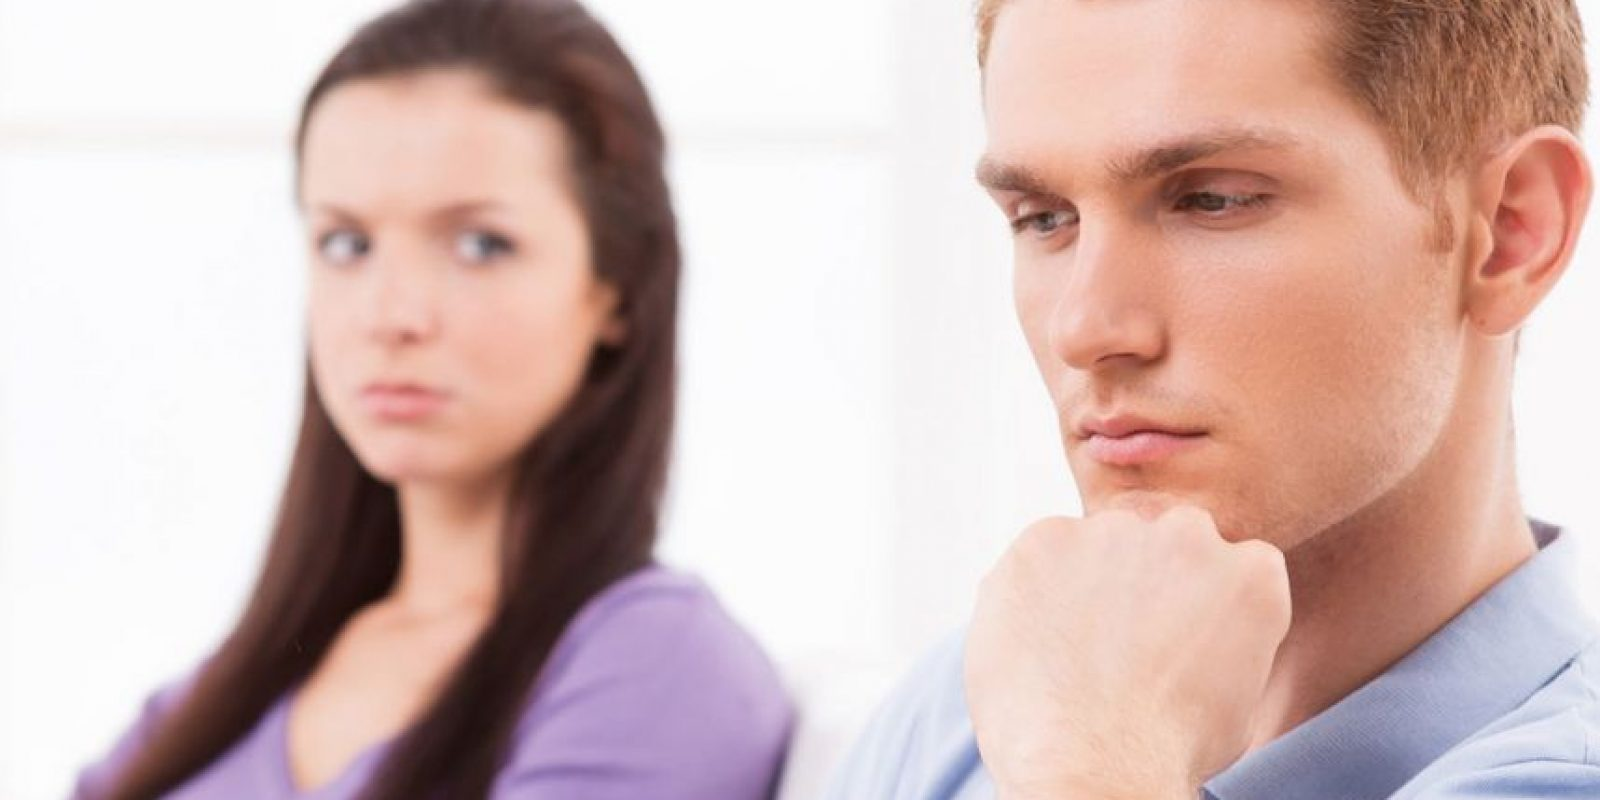 Kristy Mazins, creó el sitio Sorry It's Over, para que la gente pueda terminar con sus parejas sin tener que enfrentarlos. Foto:Vía sorryitsover.com.au